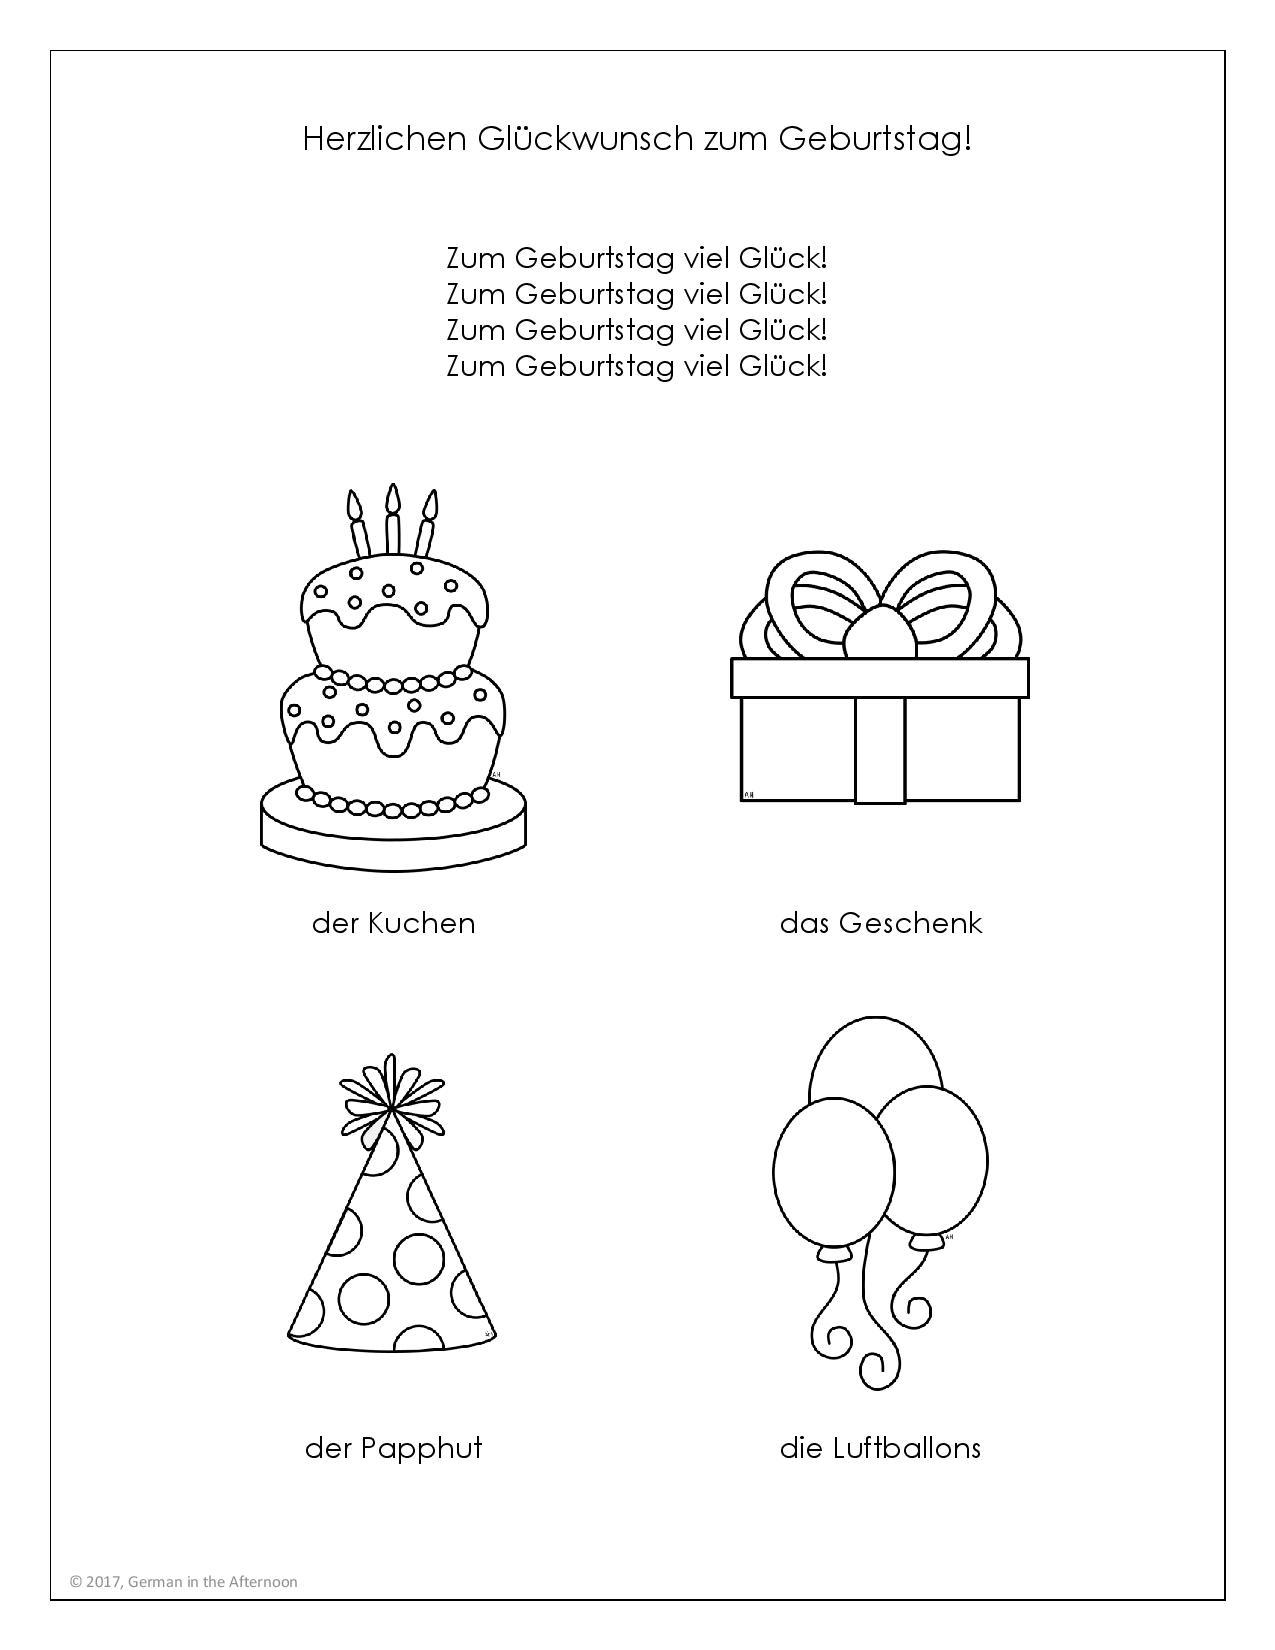 Herzlichen Glückwunsch zum Geburtstag Malvorlage GitA 2017-page-001 ...